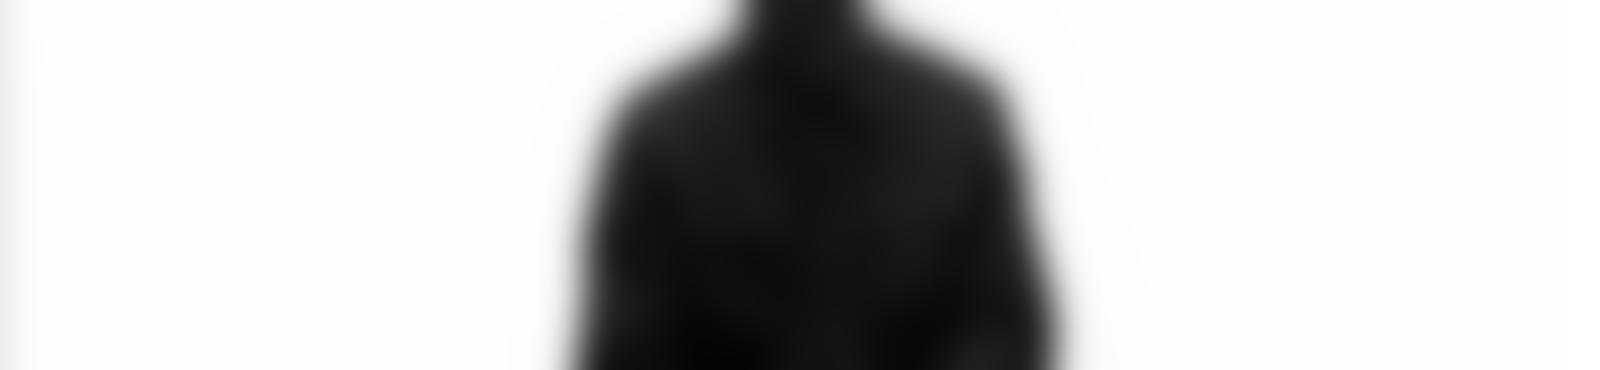 Blurred f32942e8 3837 439e b607 313b2e768788